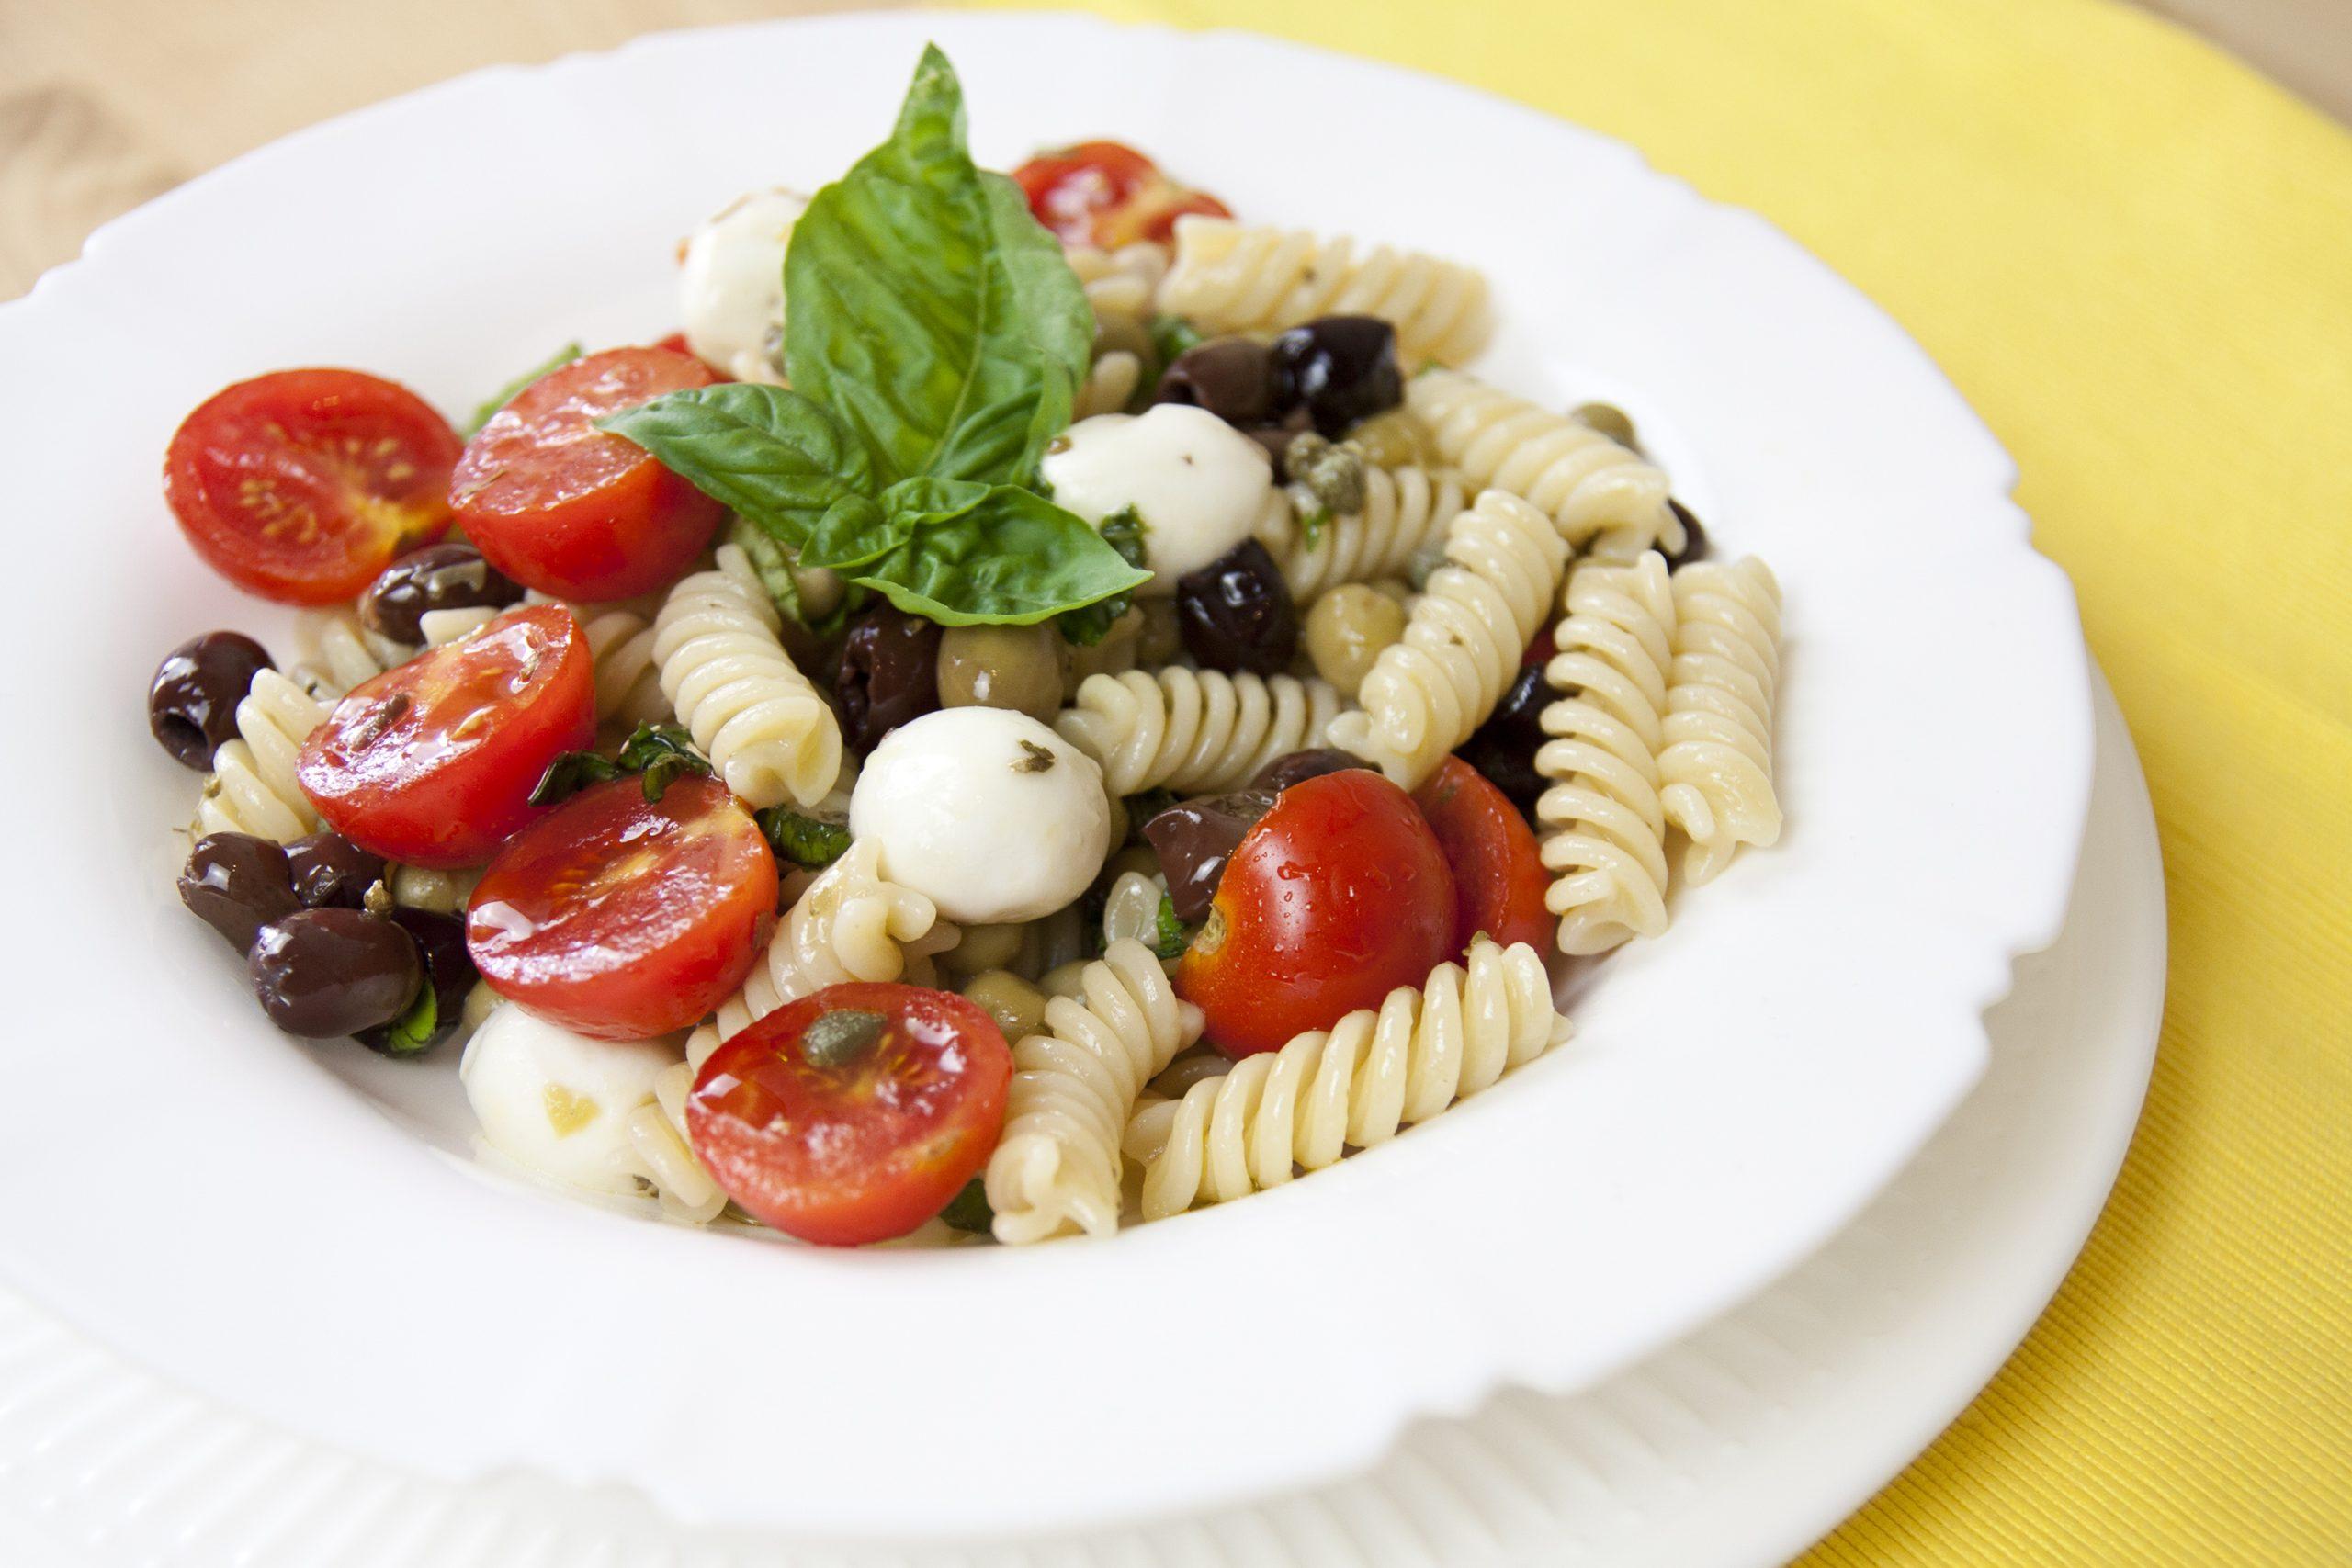 Pasta fredda con mozzarella, pomodorini, olive, capperi e piselli.